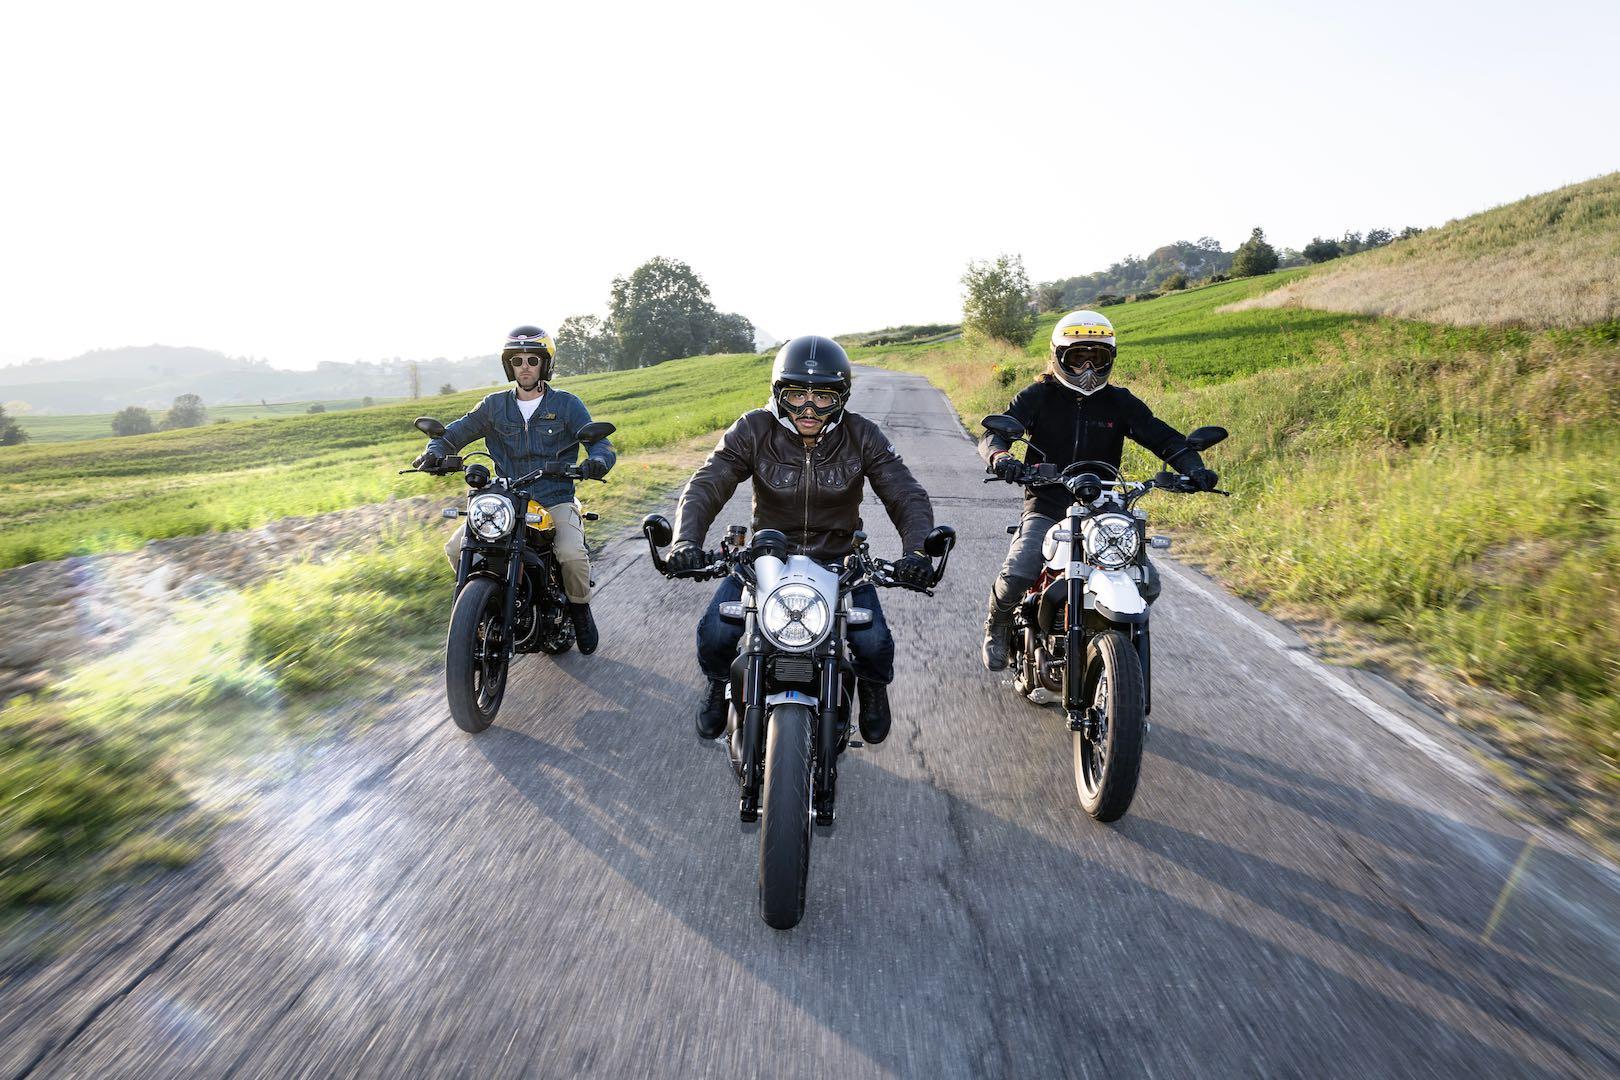 2019 Ducati Scrambler Updates Full Throttle Cafe Racer Desert Sled